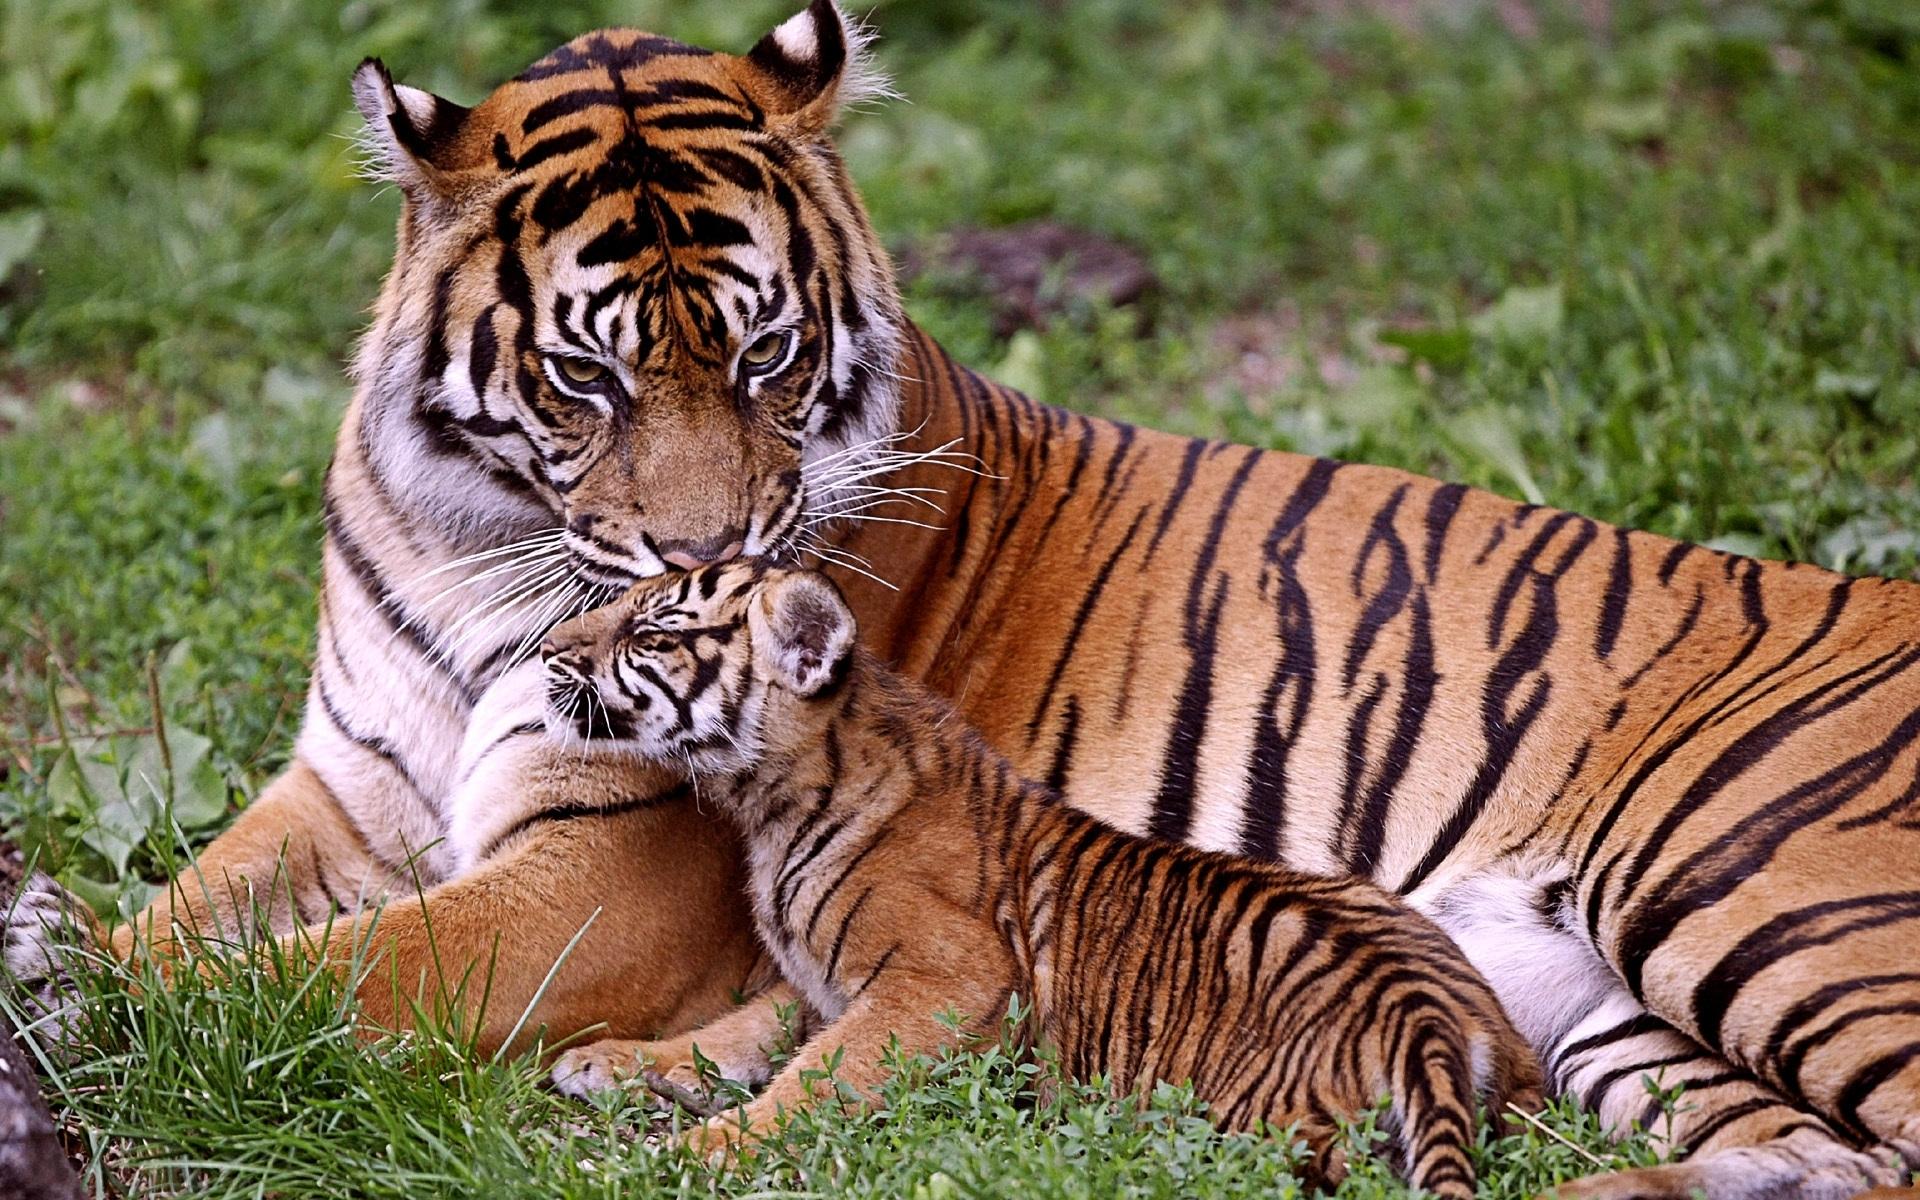 48591 Hintergrundbild herunterladen Tiere, Tigers - Bildschirmschoner und Bilder kostenlos